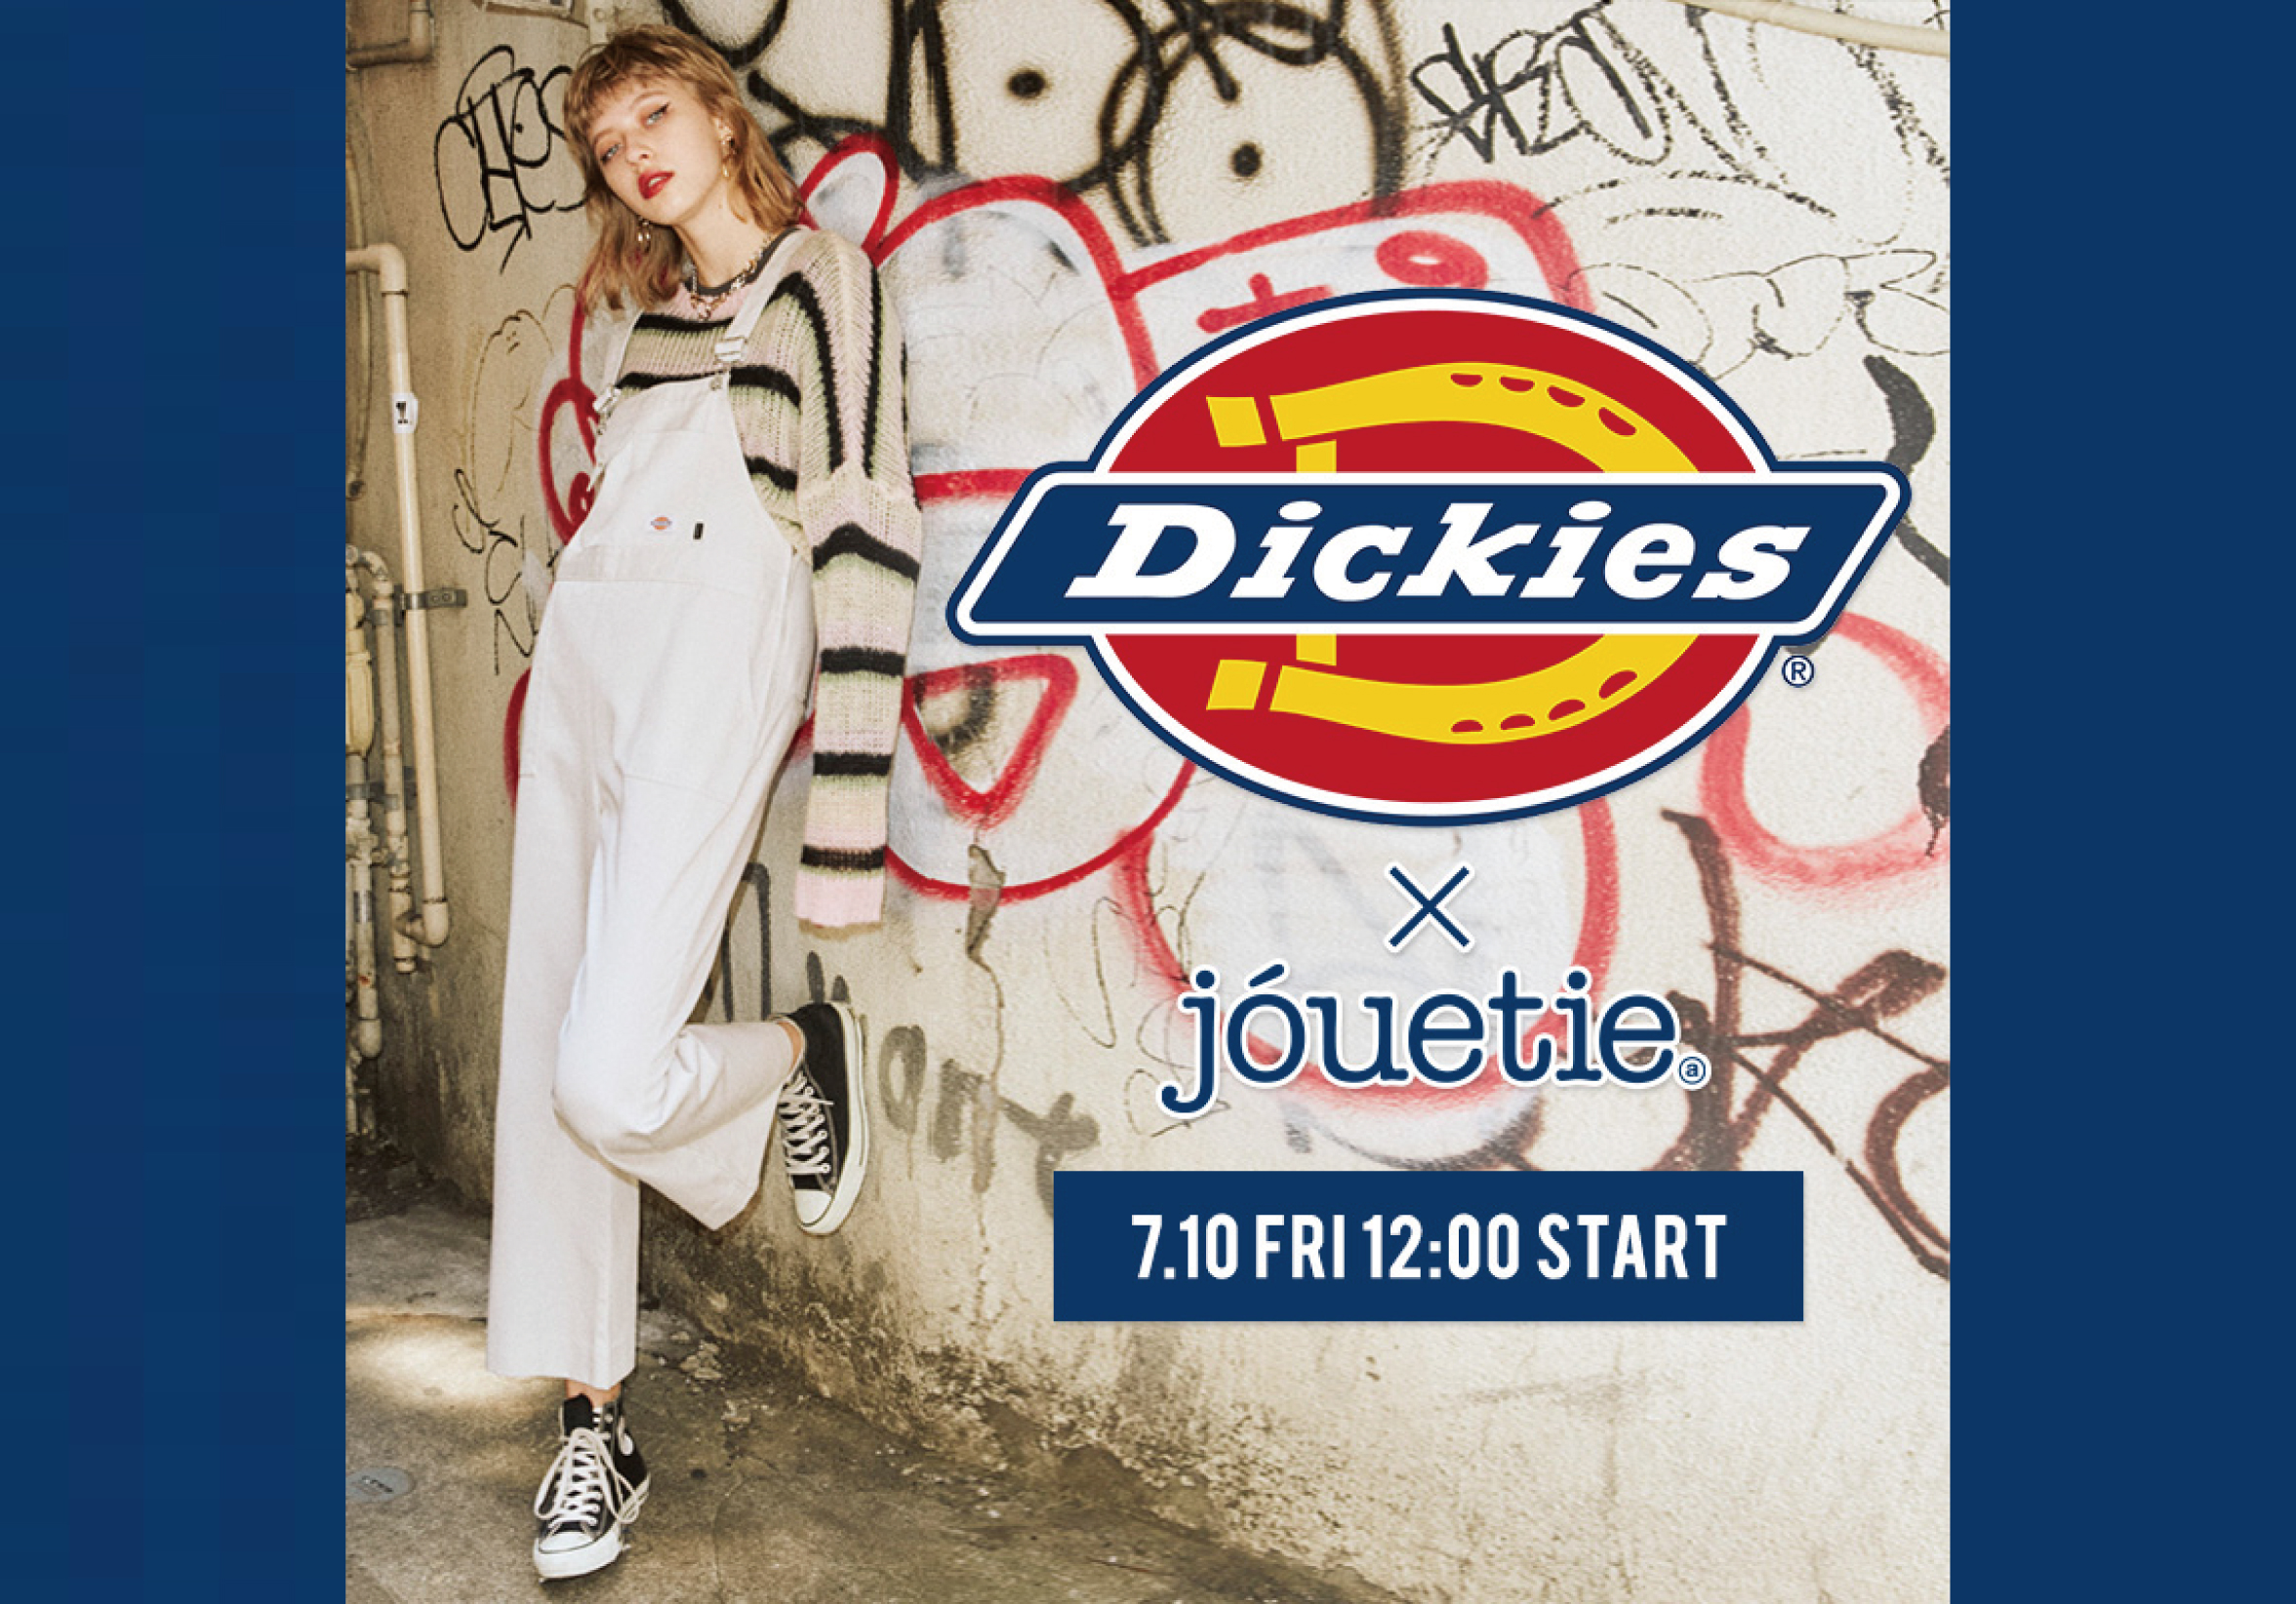 【Dickies×jouetie】